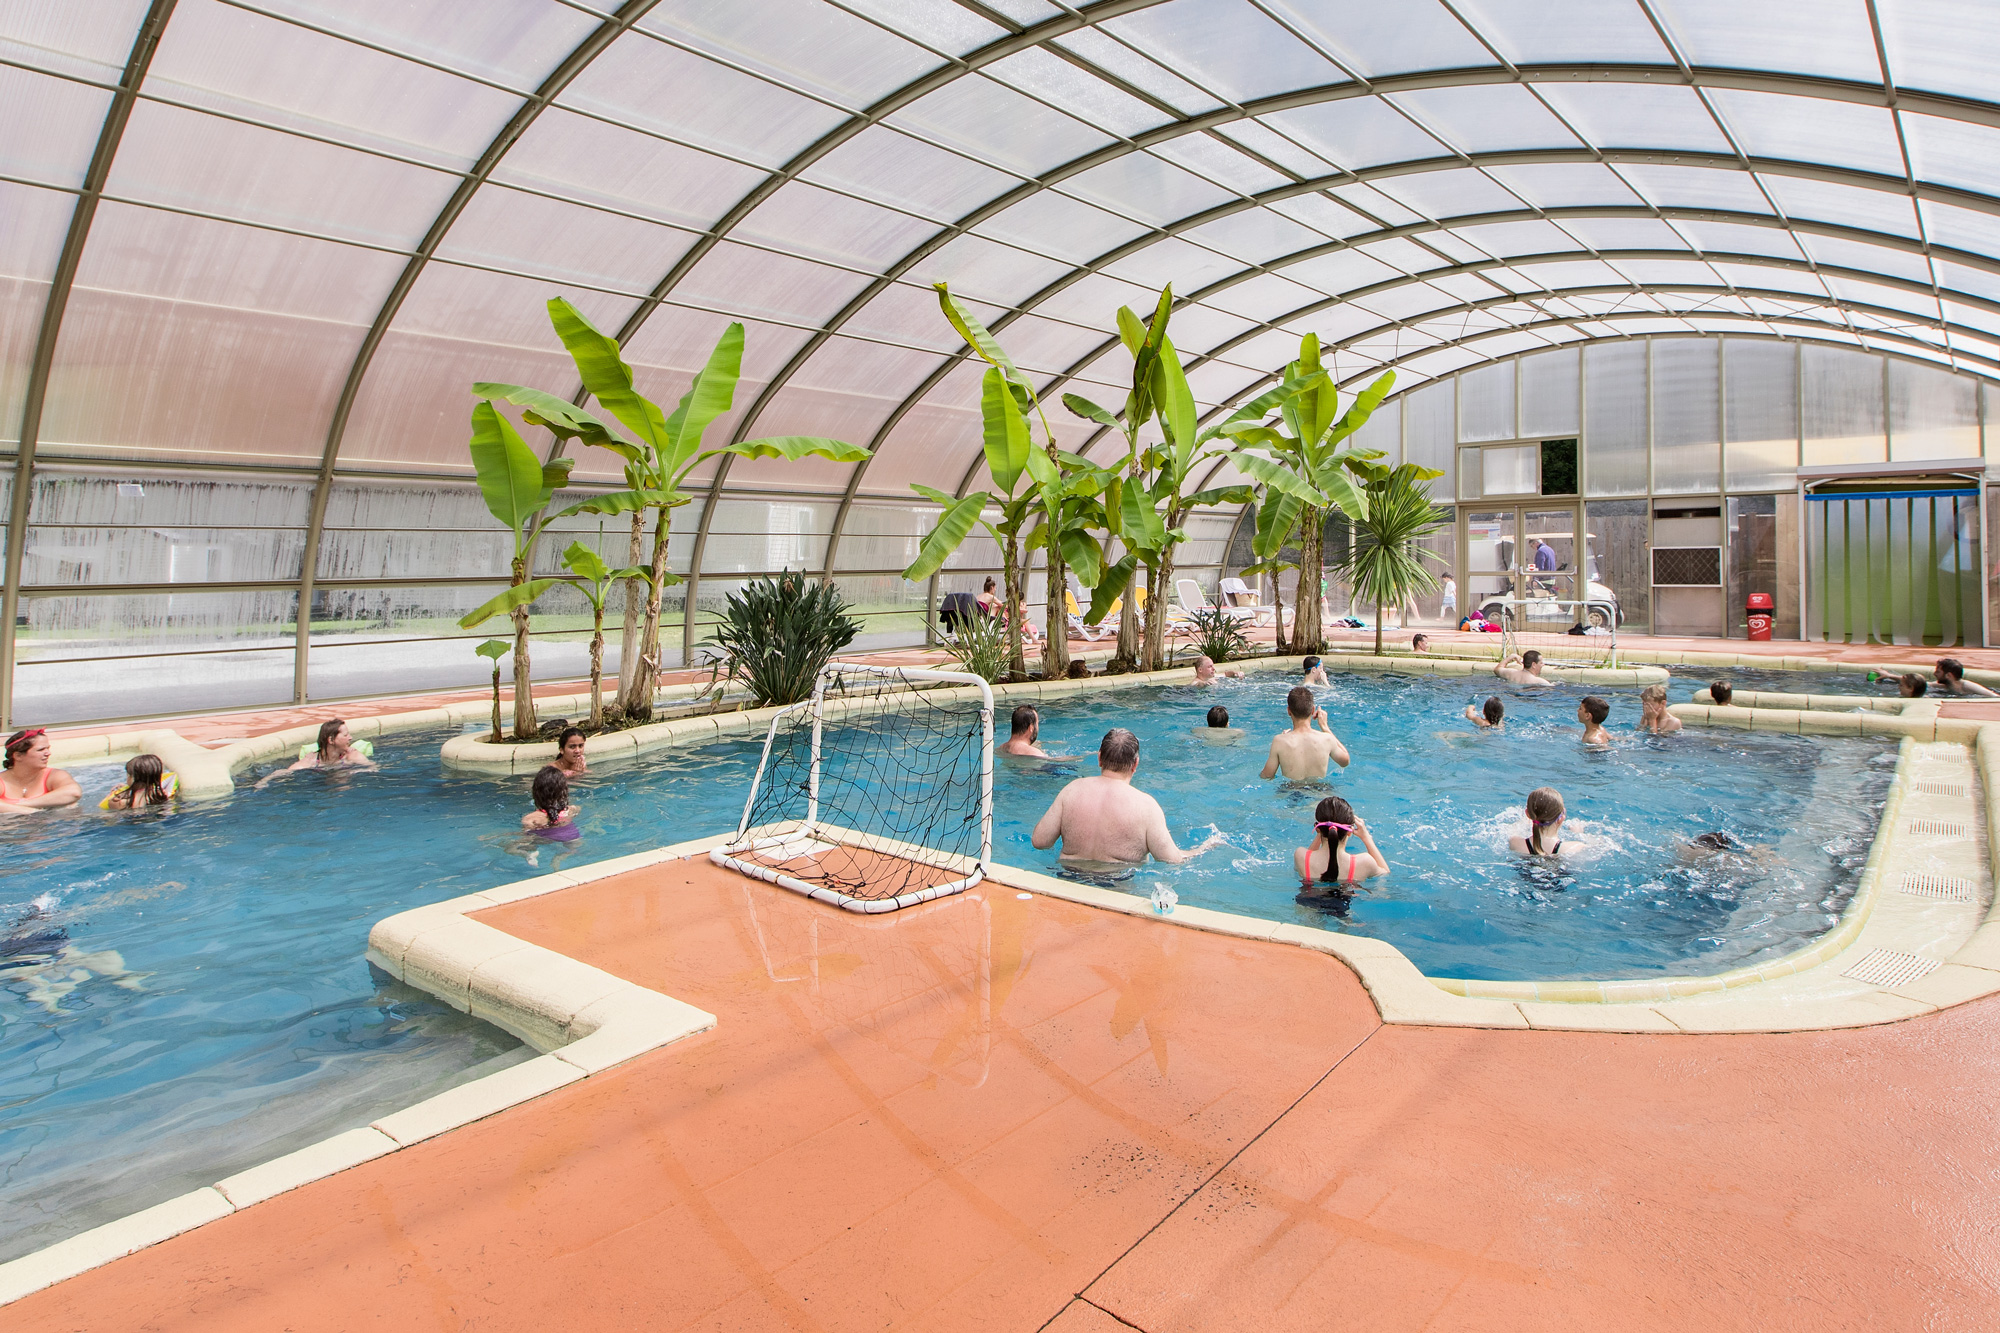 camping piscine chauff e saint malo complexe aquatique